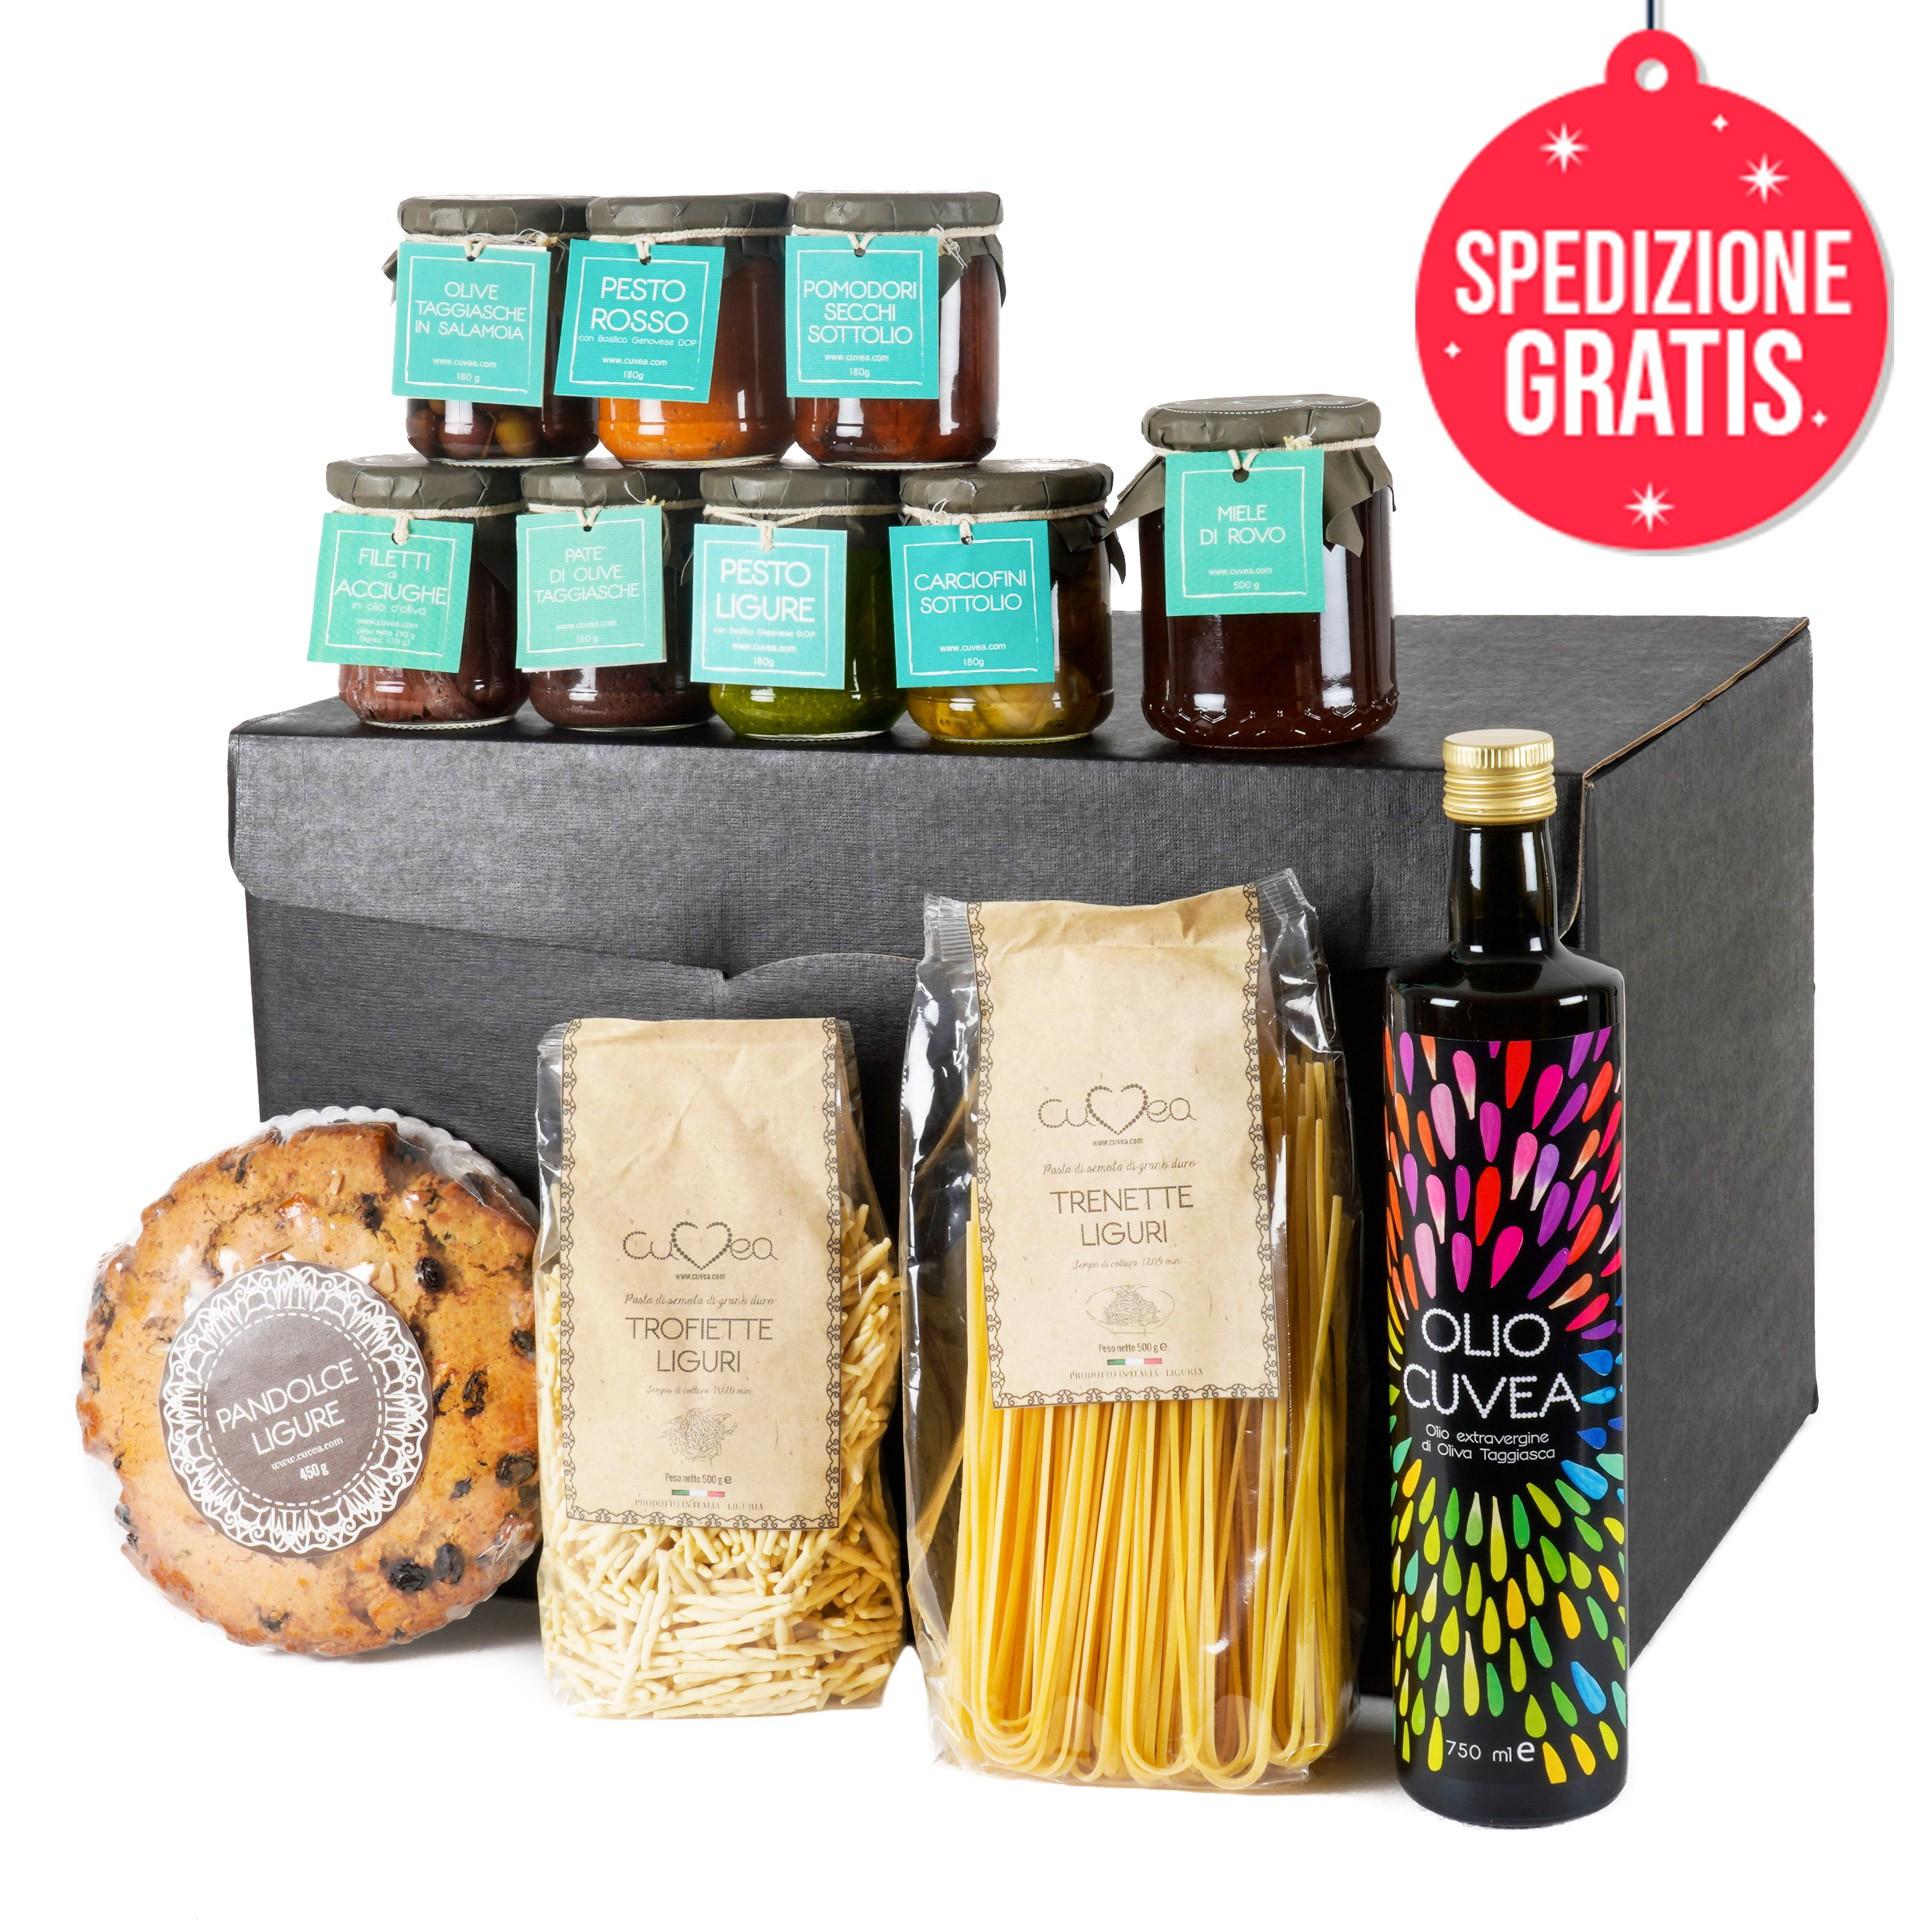 Confezione Gourmet prodotti tipici liguri con Miele di Rovo